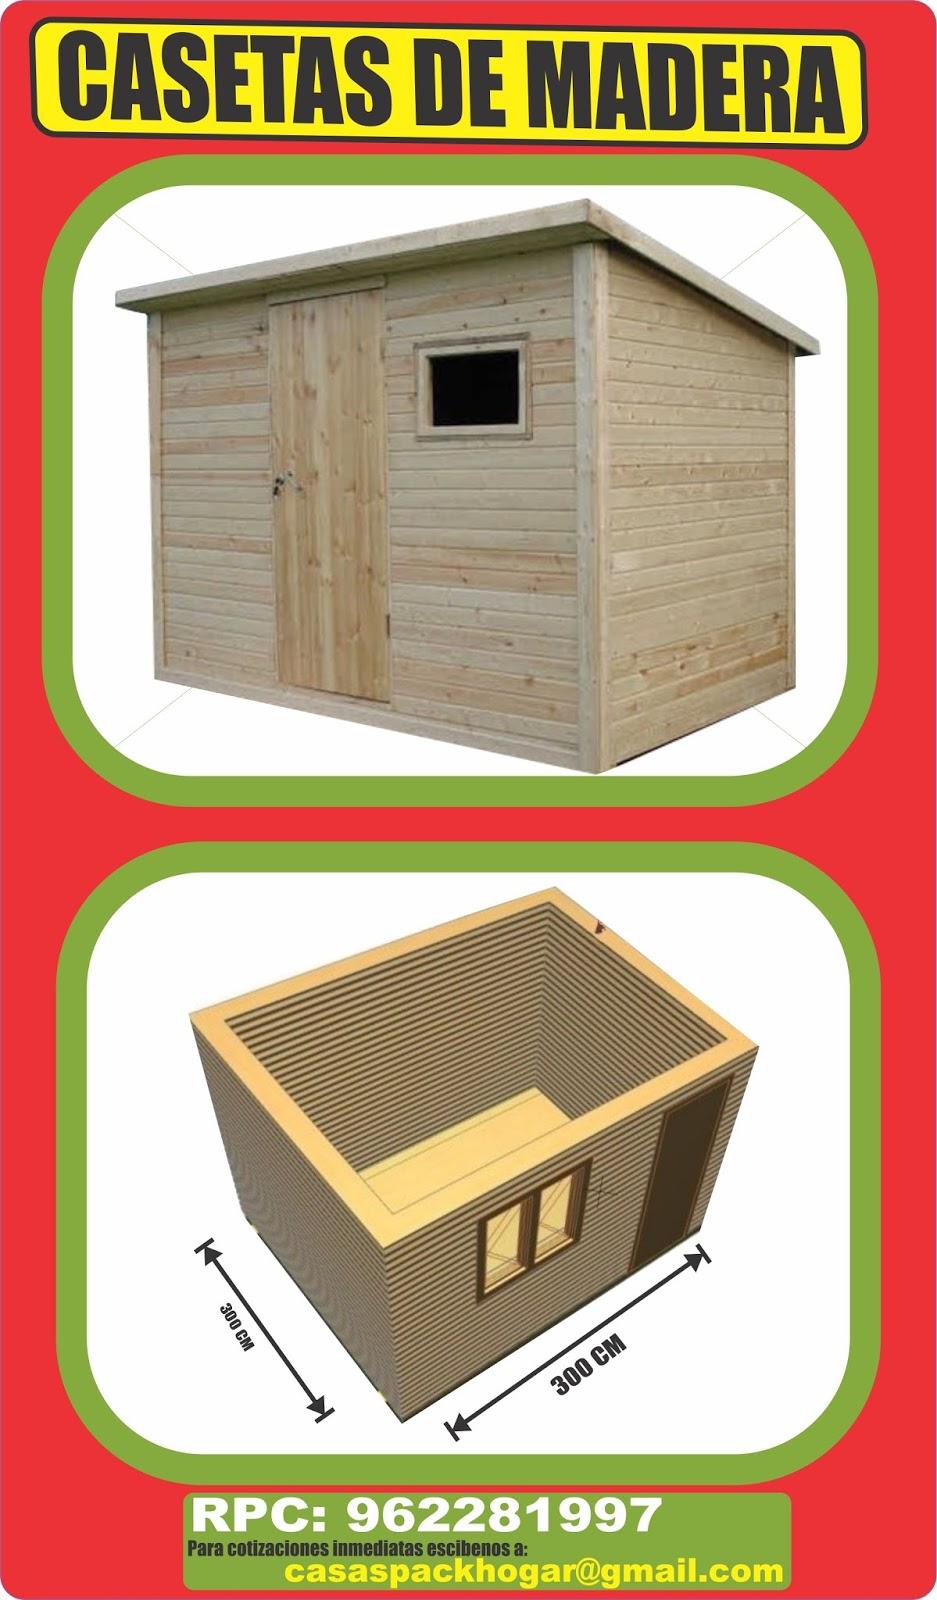 Casetas prefabricadas de madera - Madera machihembrada exterior ...